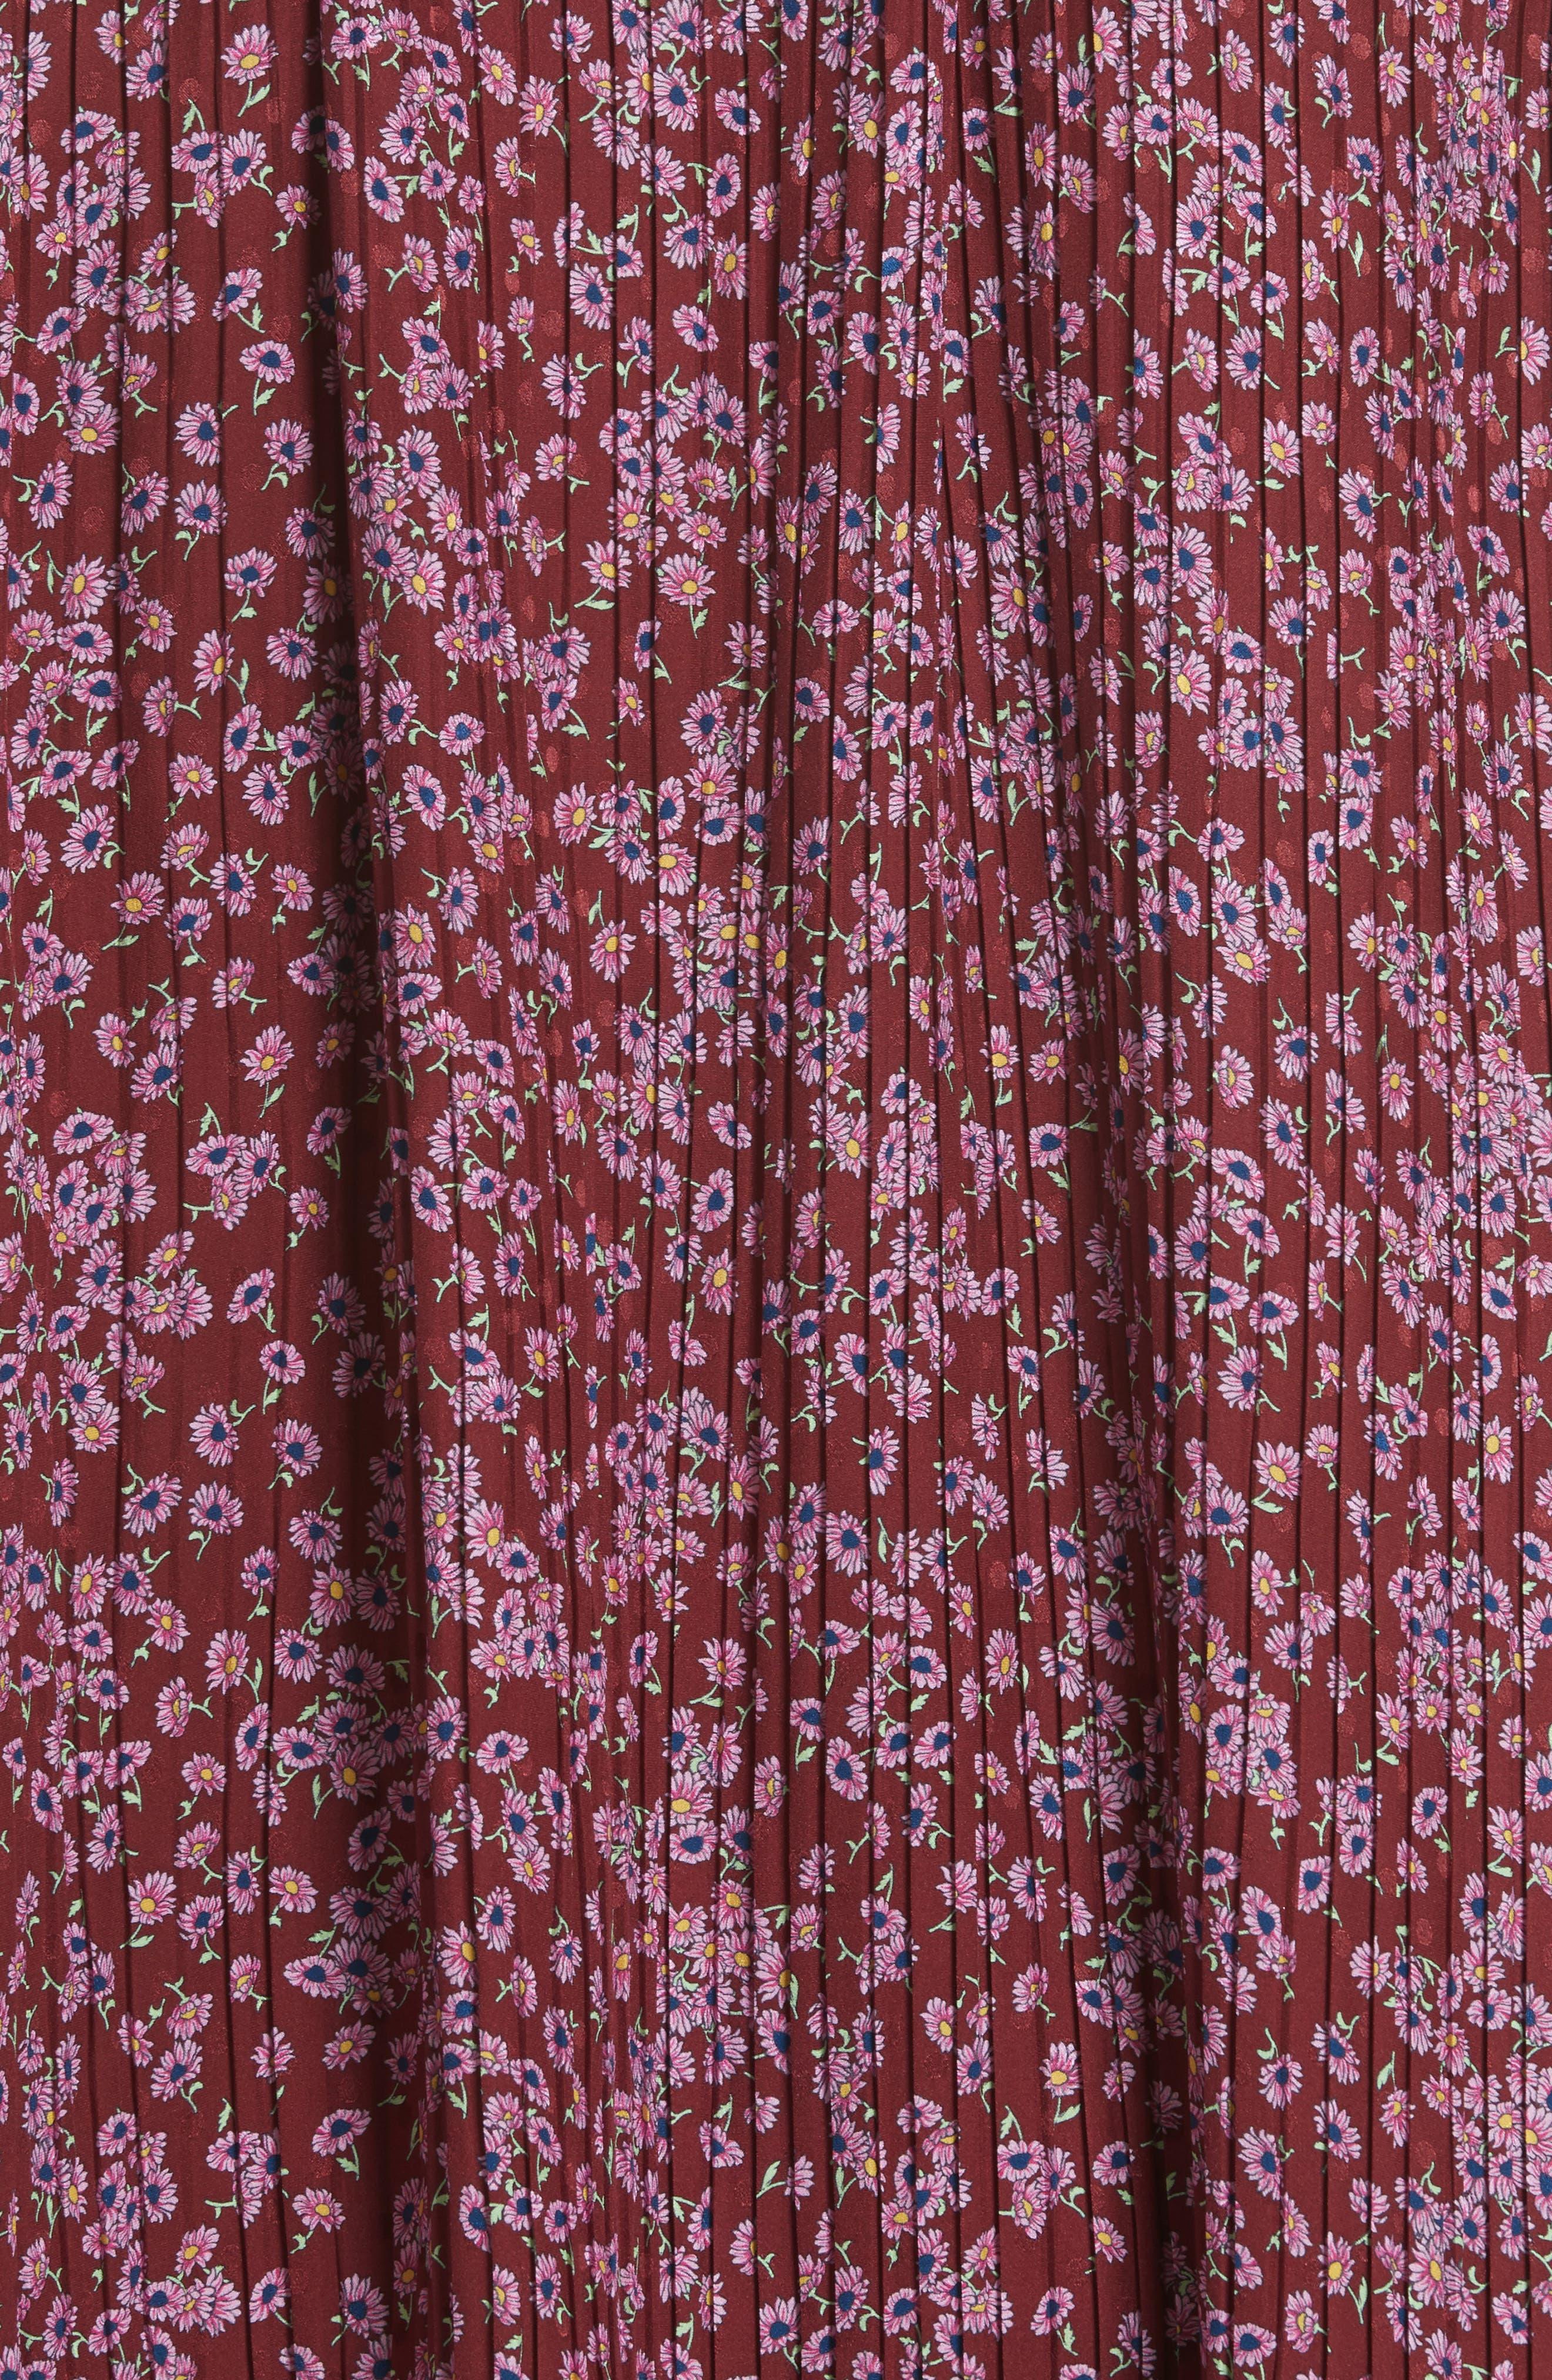 Floral Silk Cold Shoulder Dress,                             Alternate thumbnail 7, color,                             Bordeaux